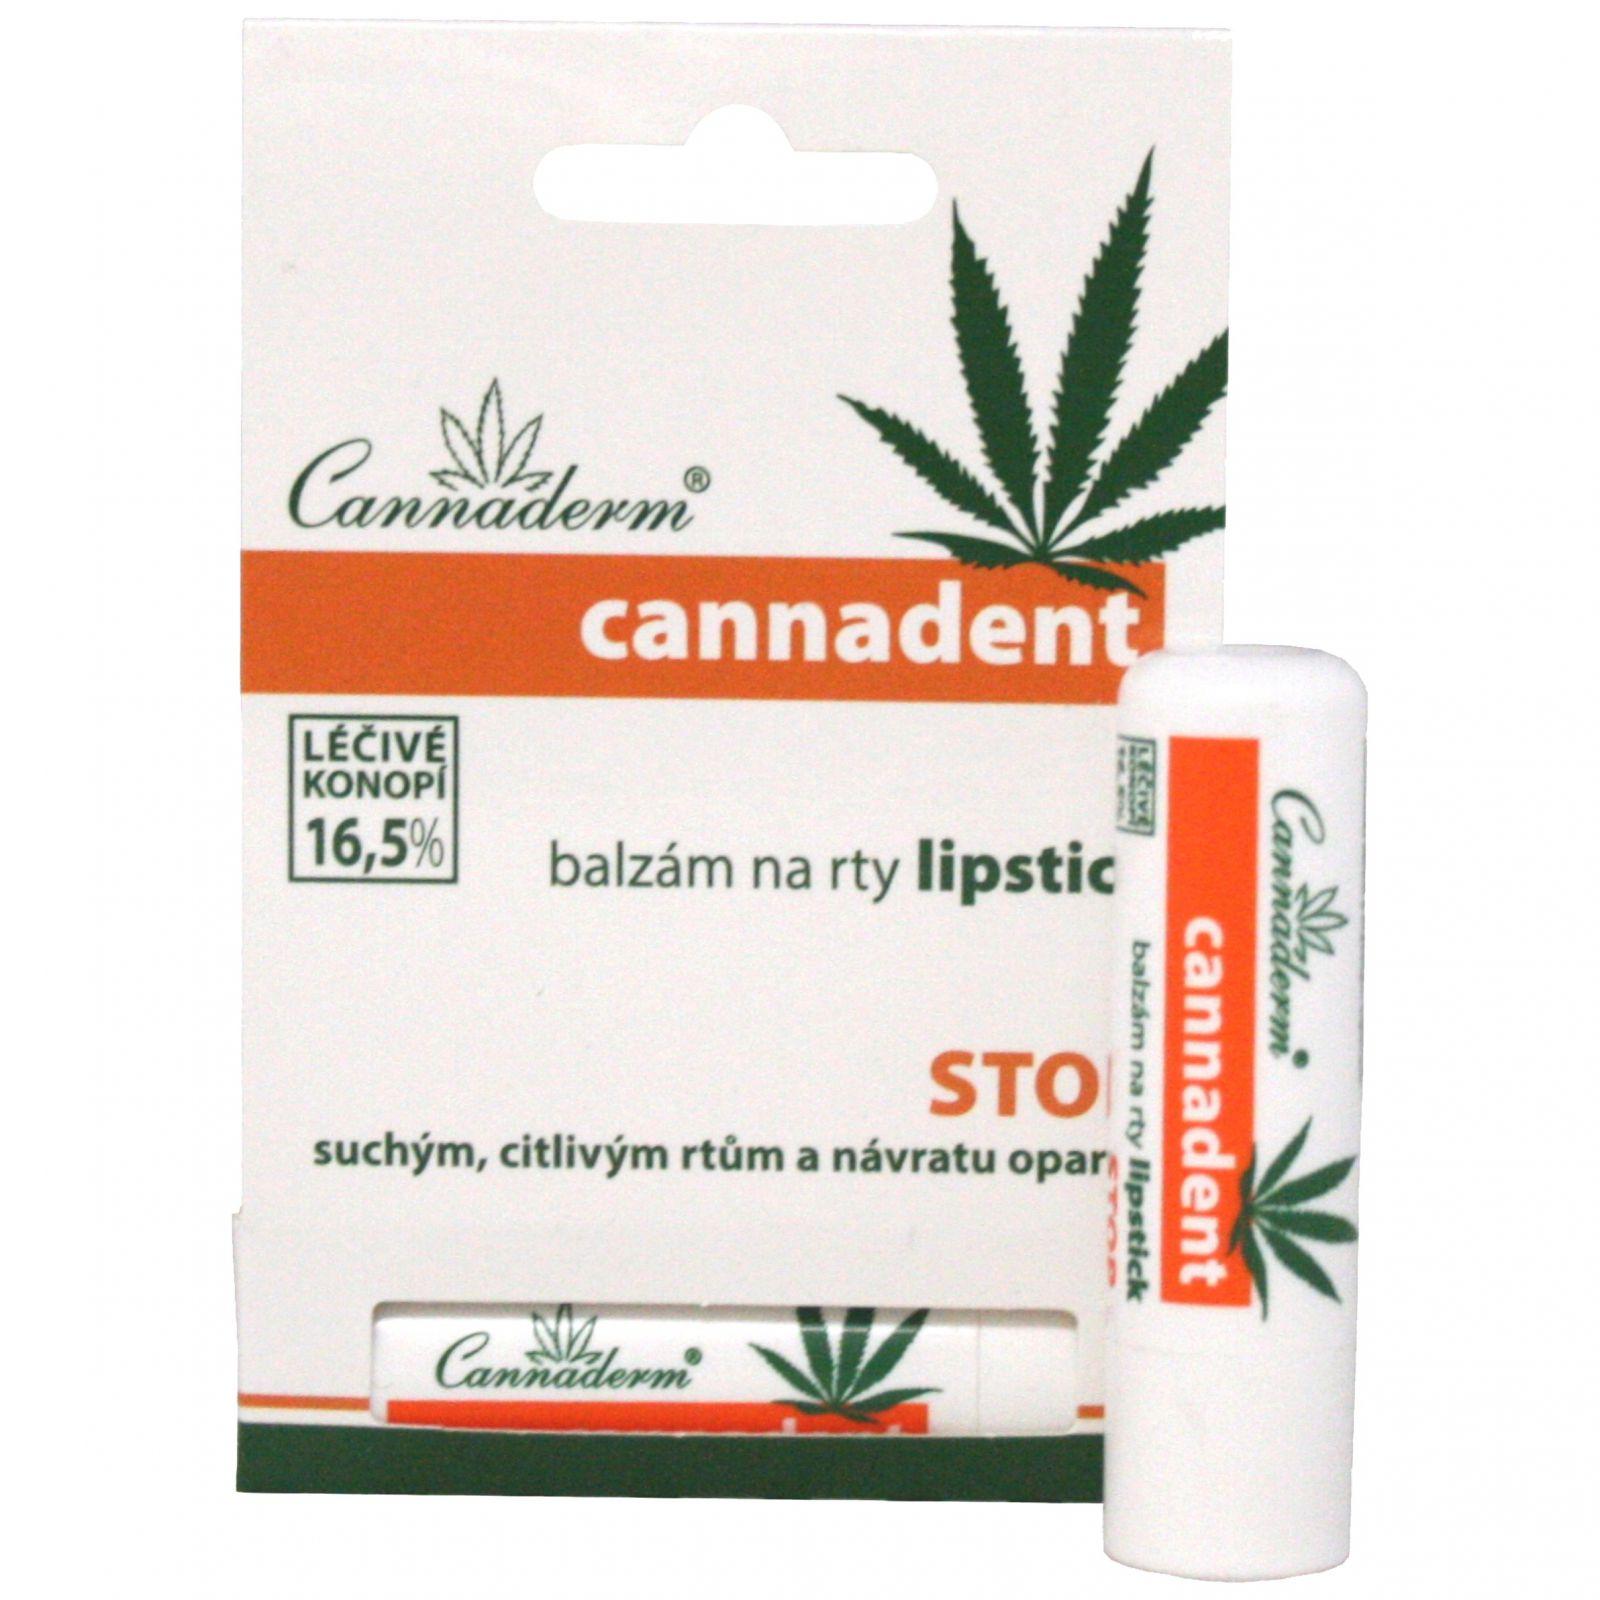 Cannaderm Cannadent - balzám na rty lipstick 4,5 g